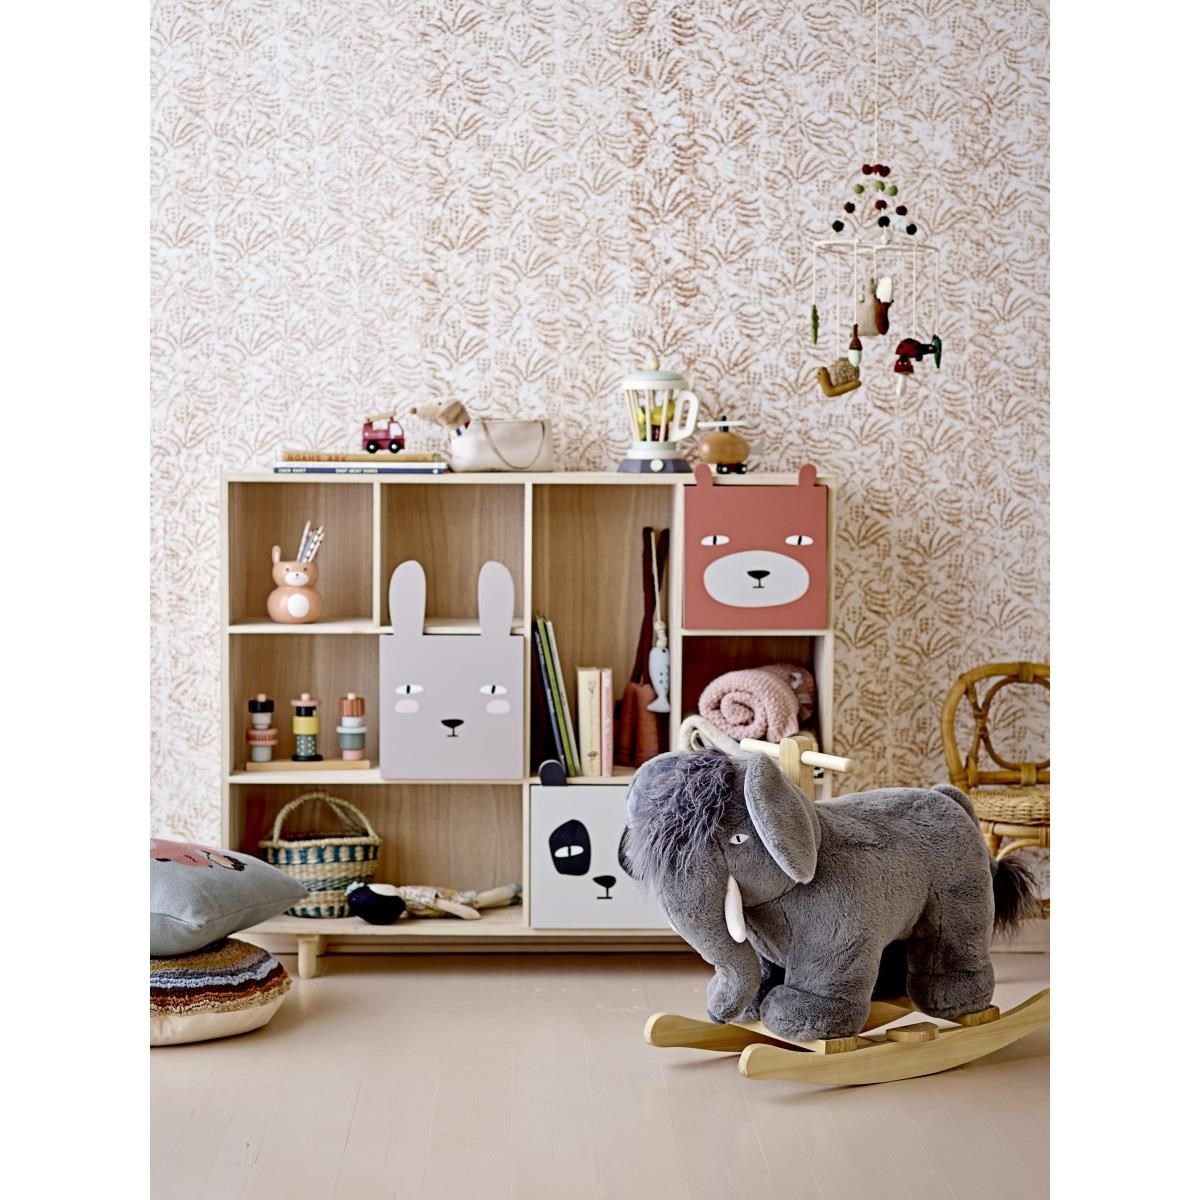 Dřevěný hrací set pro děti MIXER V.20 cm_3